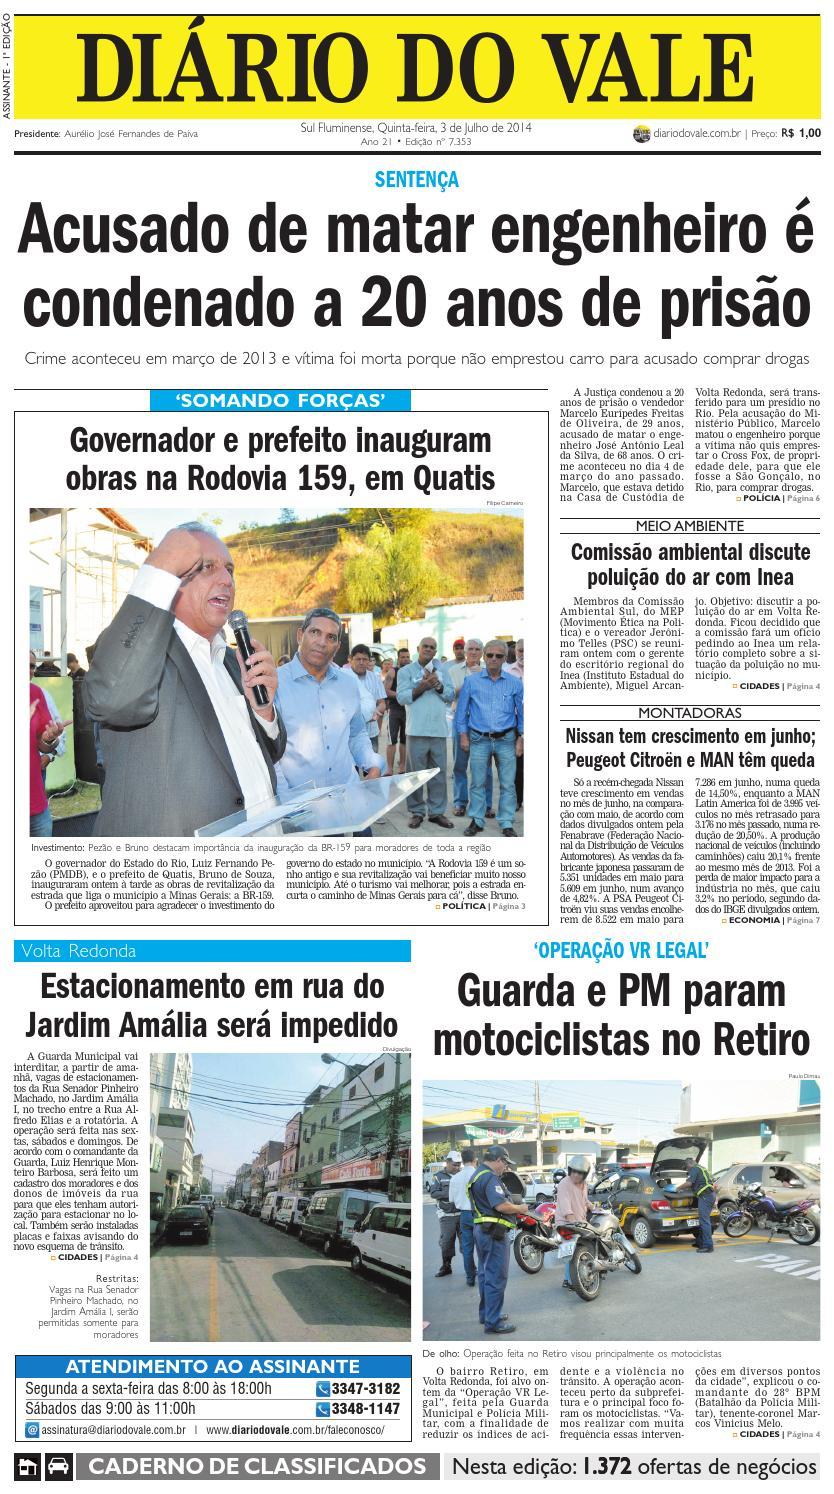 c28c1a1ed1a 7353 diario quinta feira 03 07 2014 by Diário do Vale - issuu